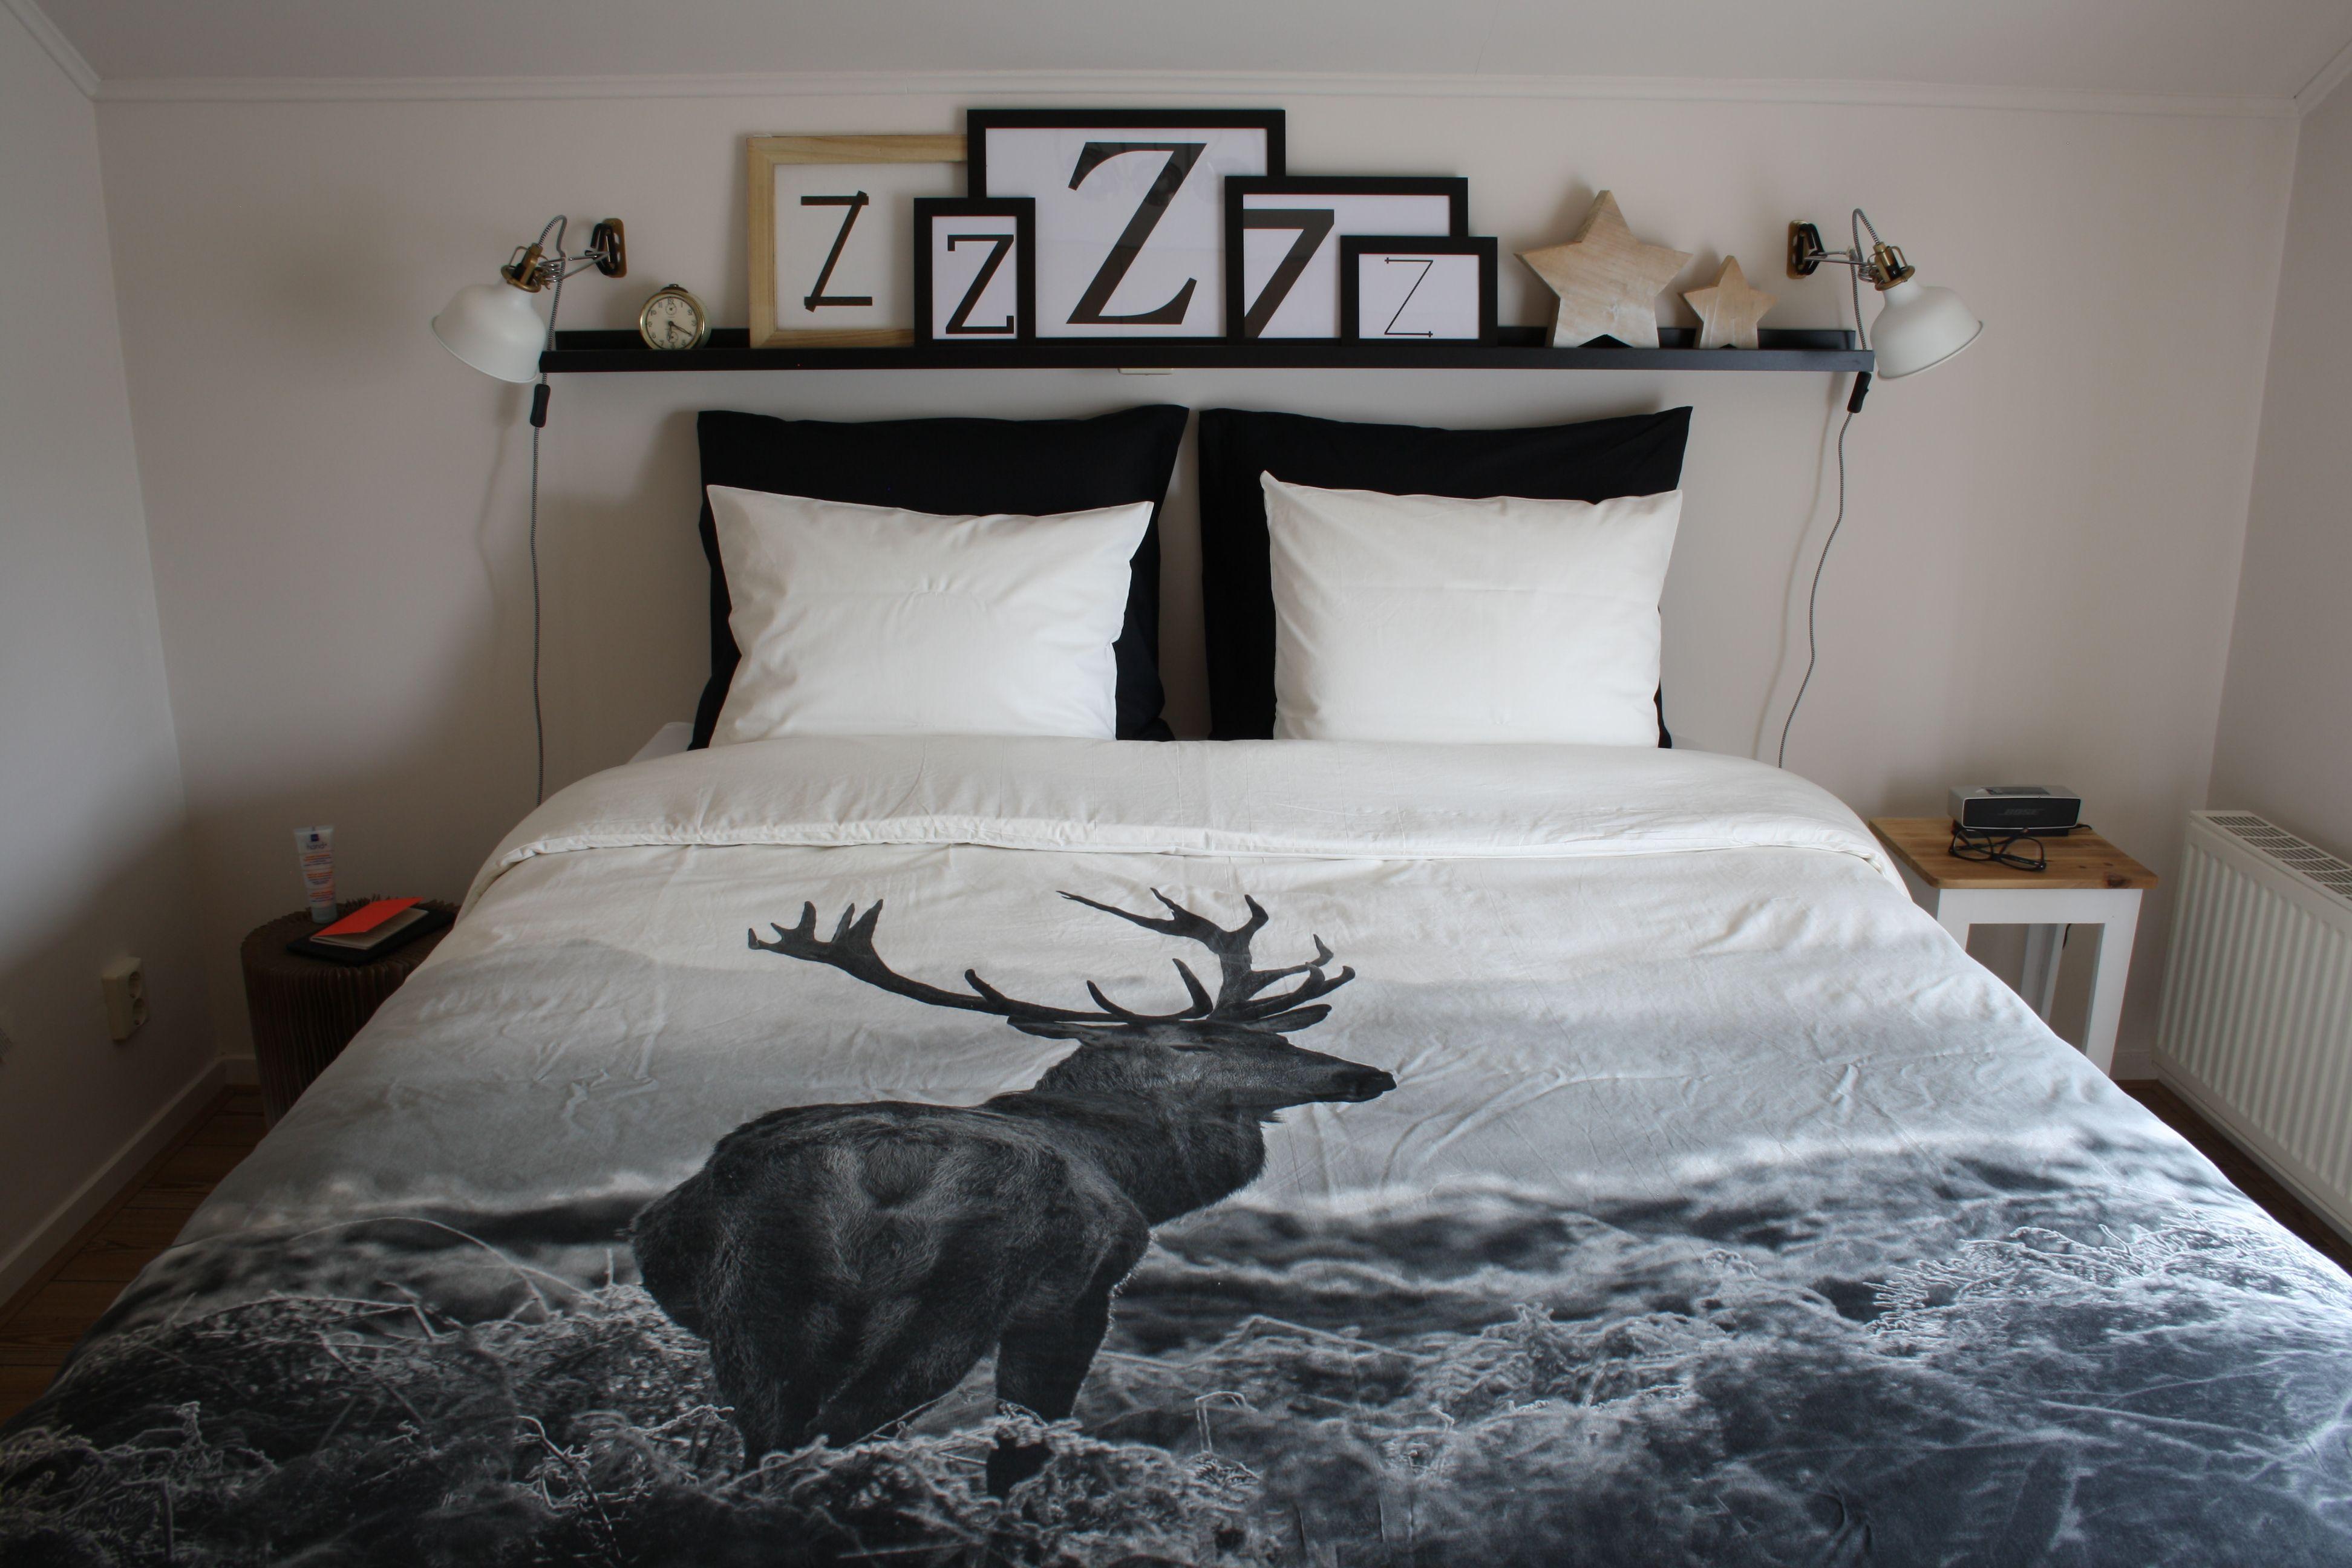 slaapkamer make over zwart wit hout landelijk Scandinavisch stoer dekbedovertrek met print van hert sterren zzz